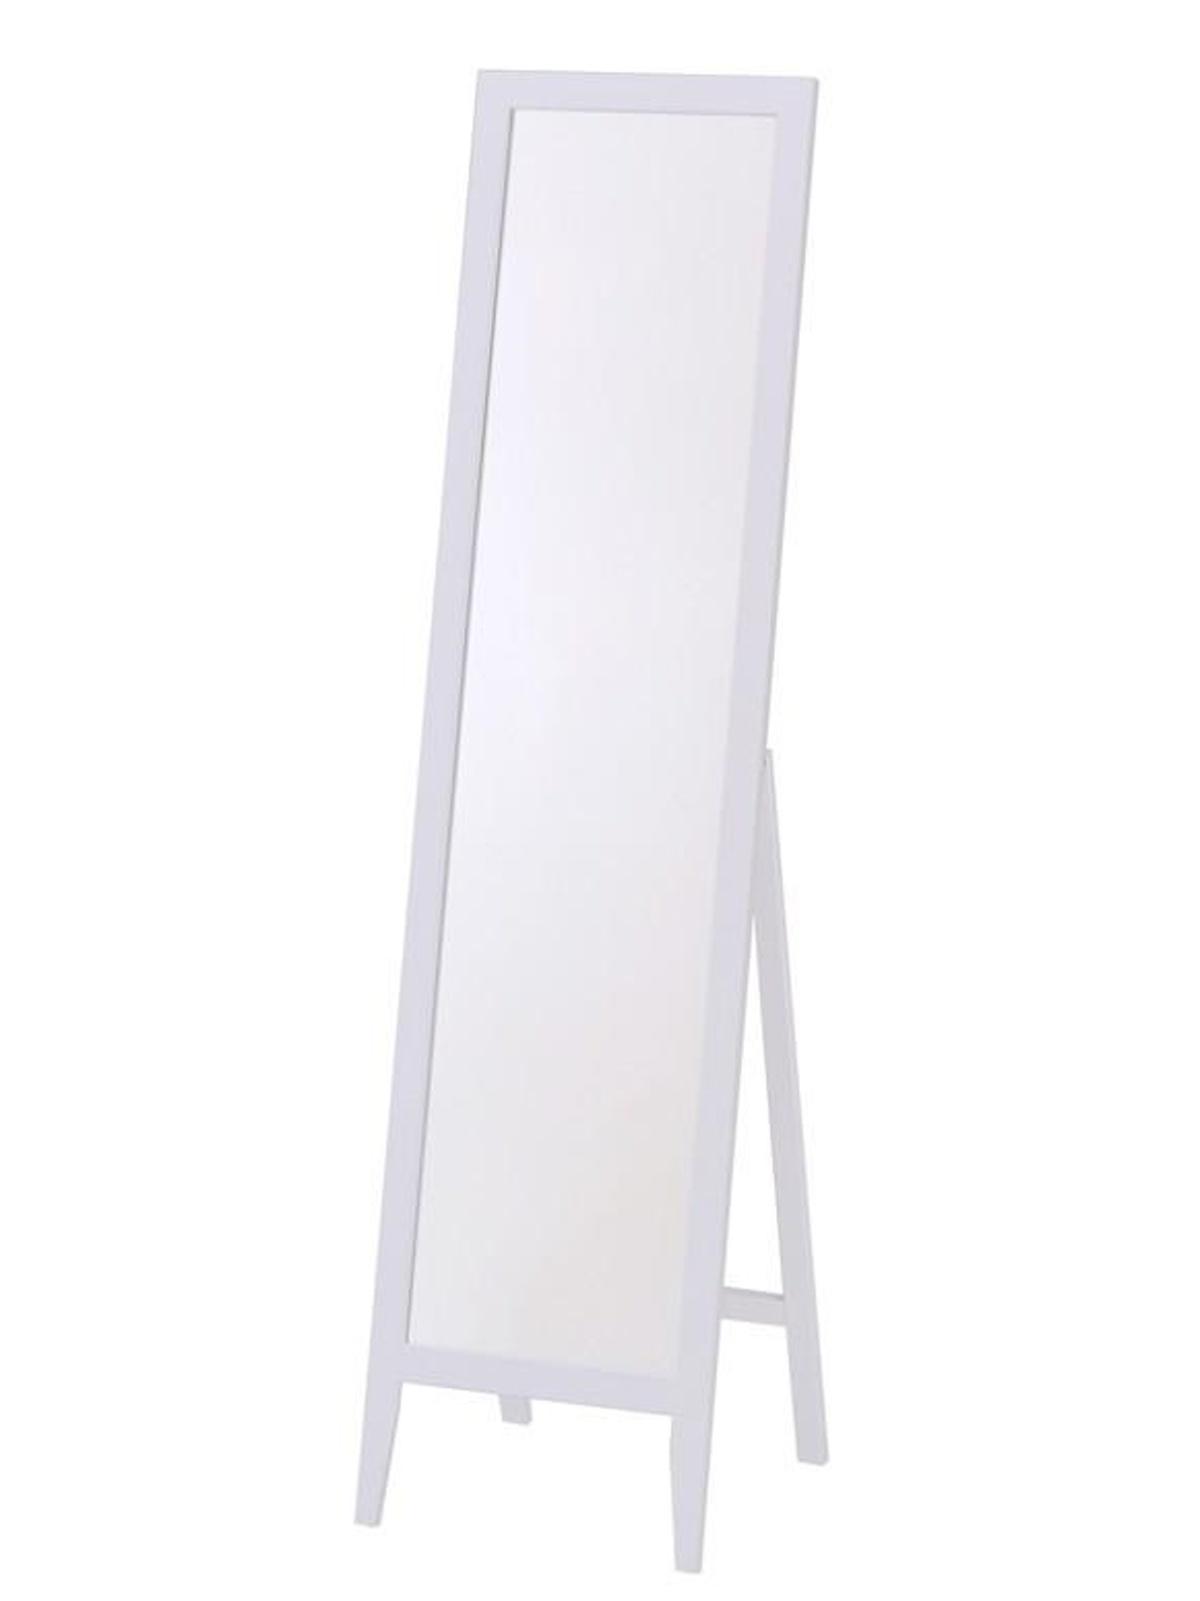 Halmar Obdelníkové stojací zrcadlo LS-1, bílé